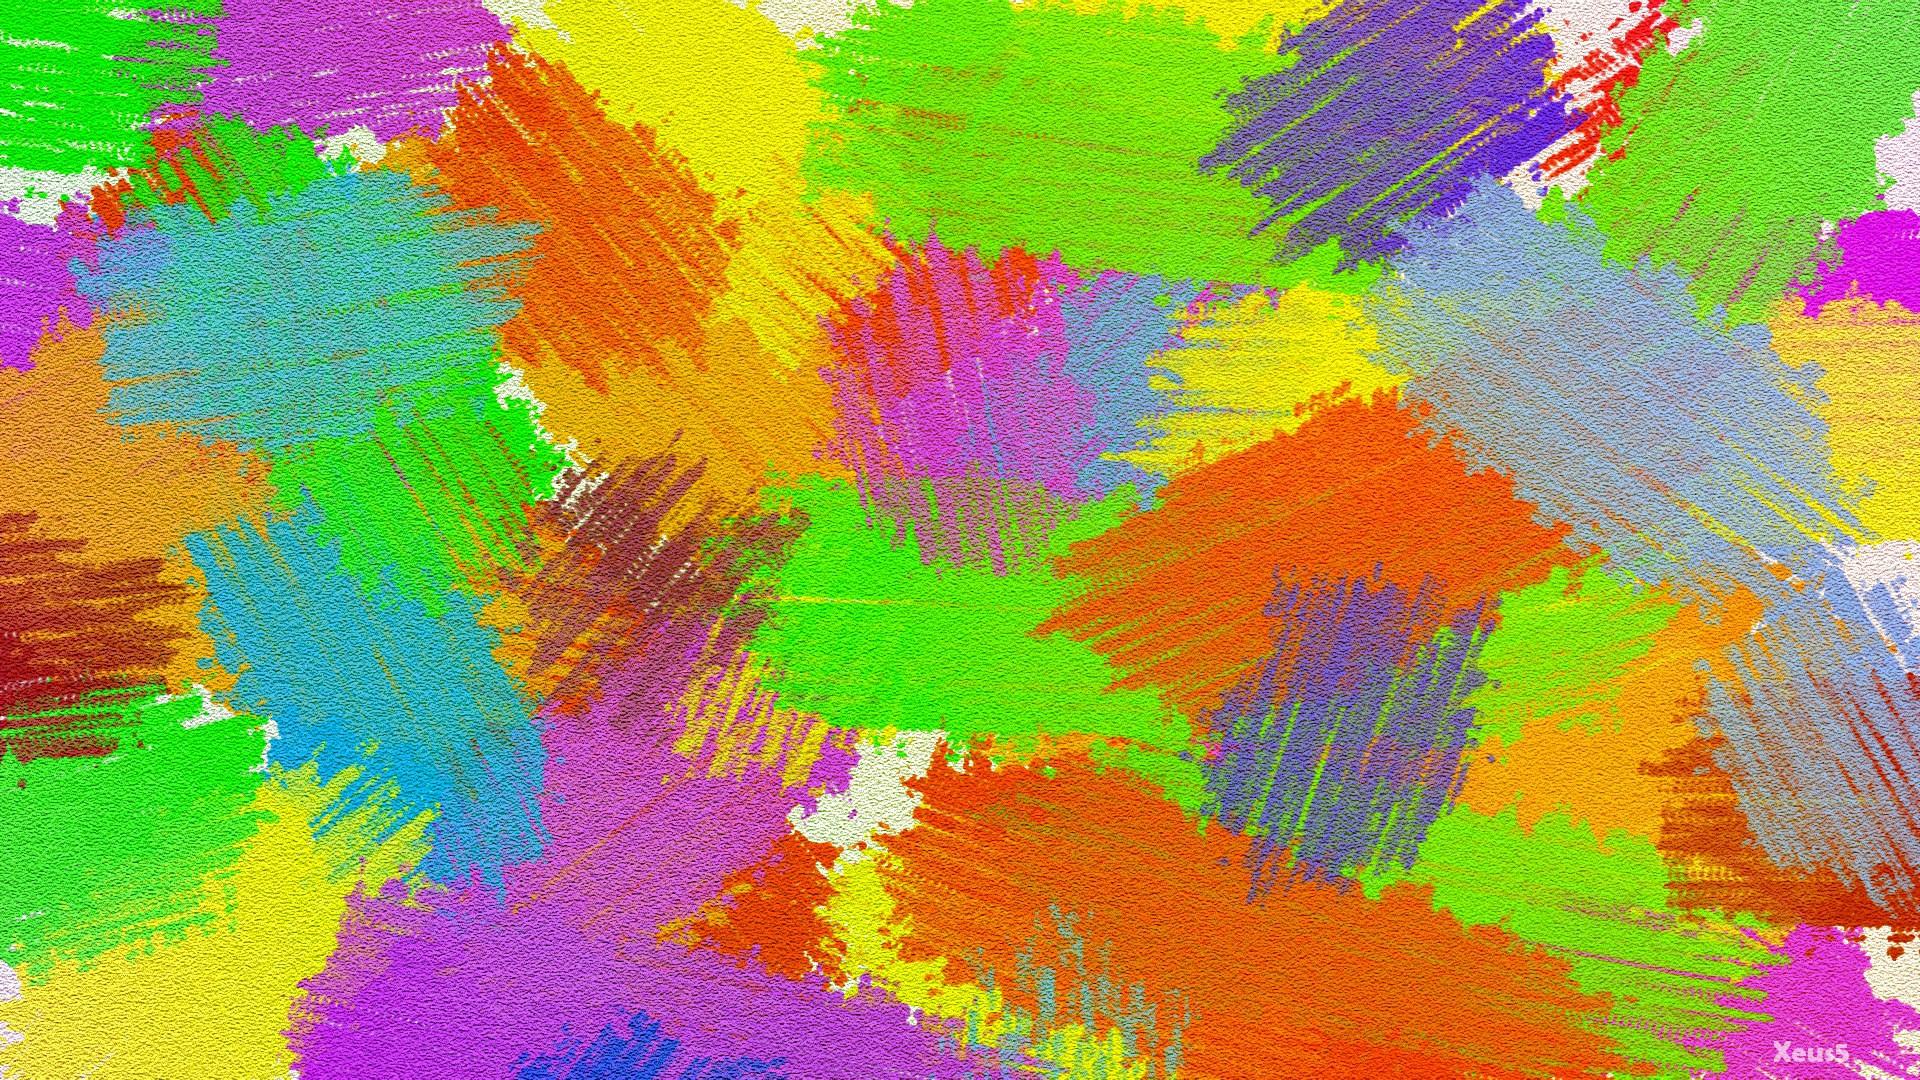 Manchas de pinturas - 1920x1080